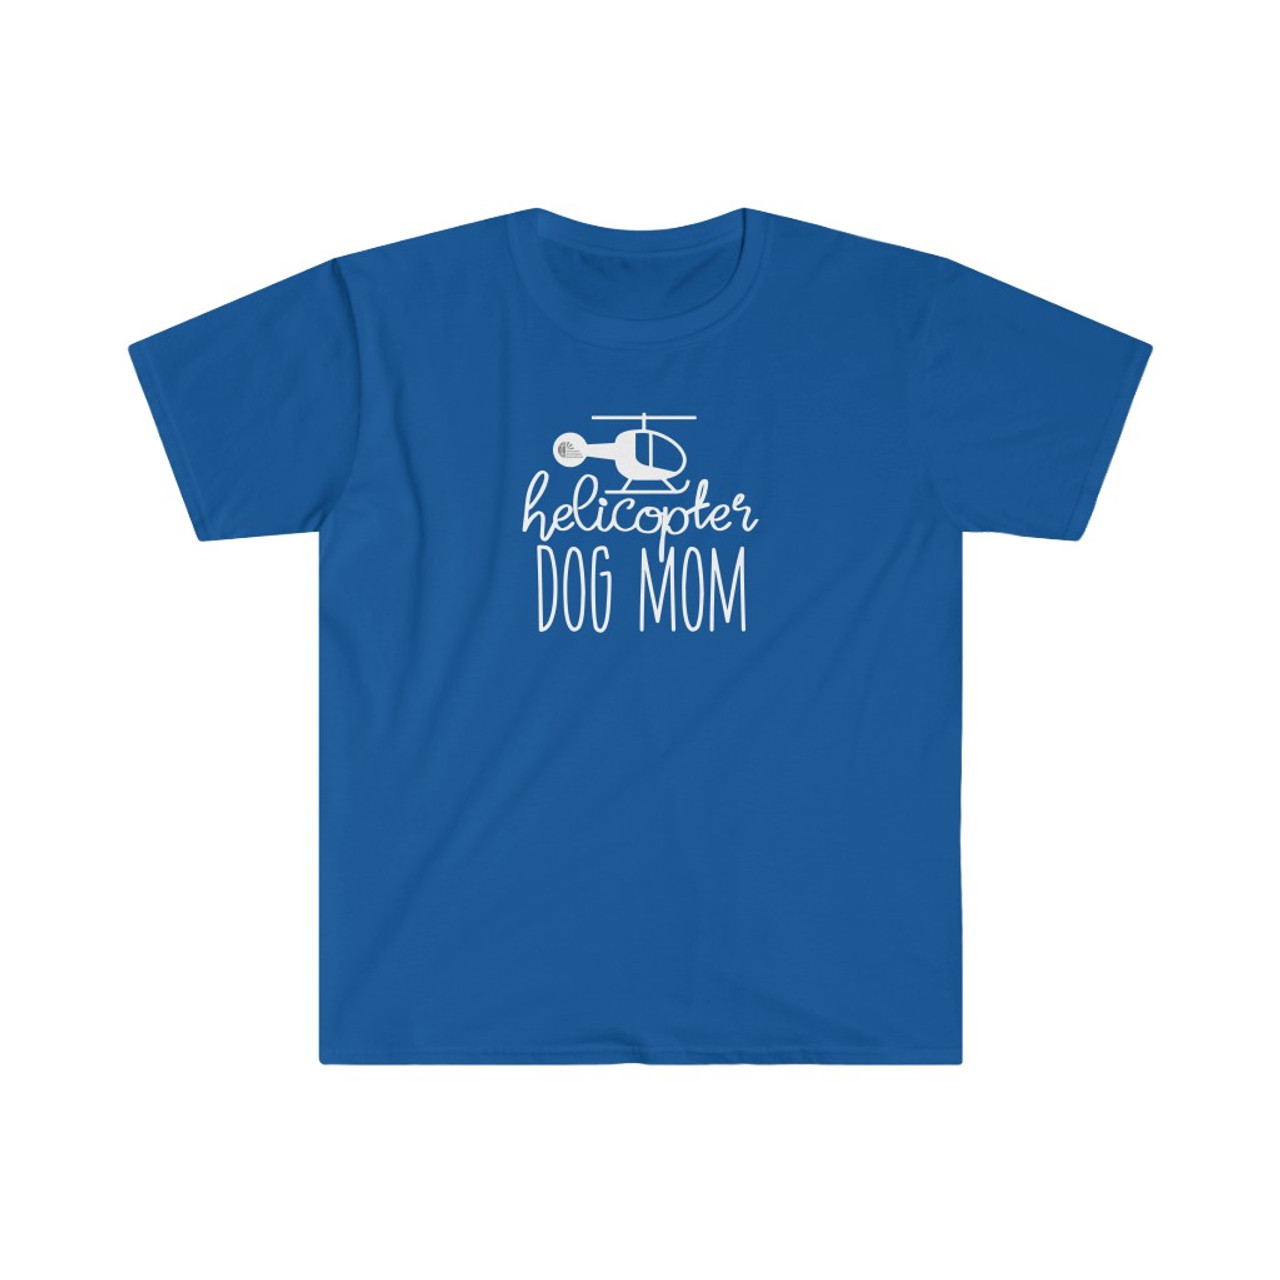 """Unisex Royal Blue """"Helicopter Dog Mom"""" Softstyle T-Shirt"""